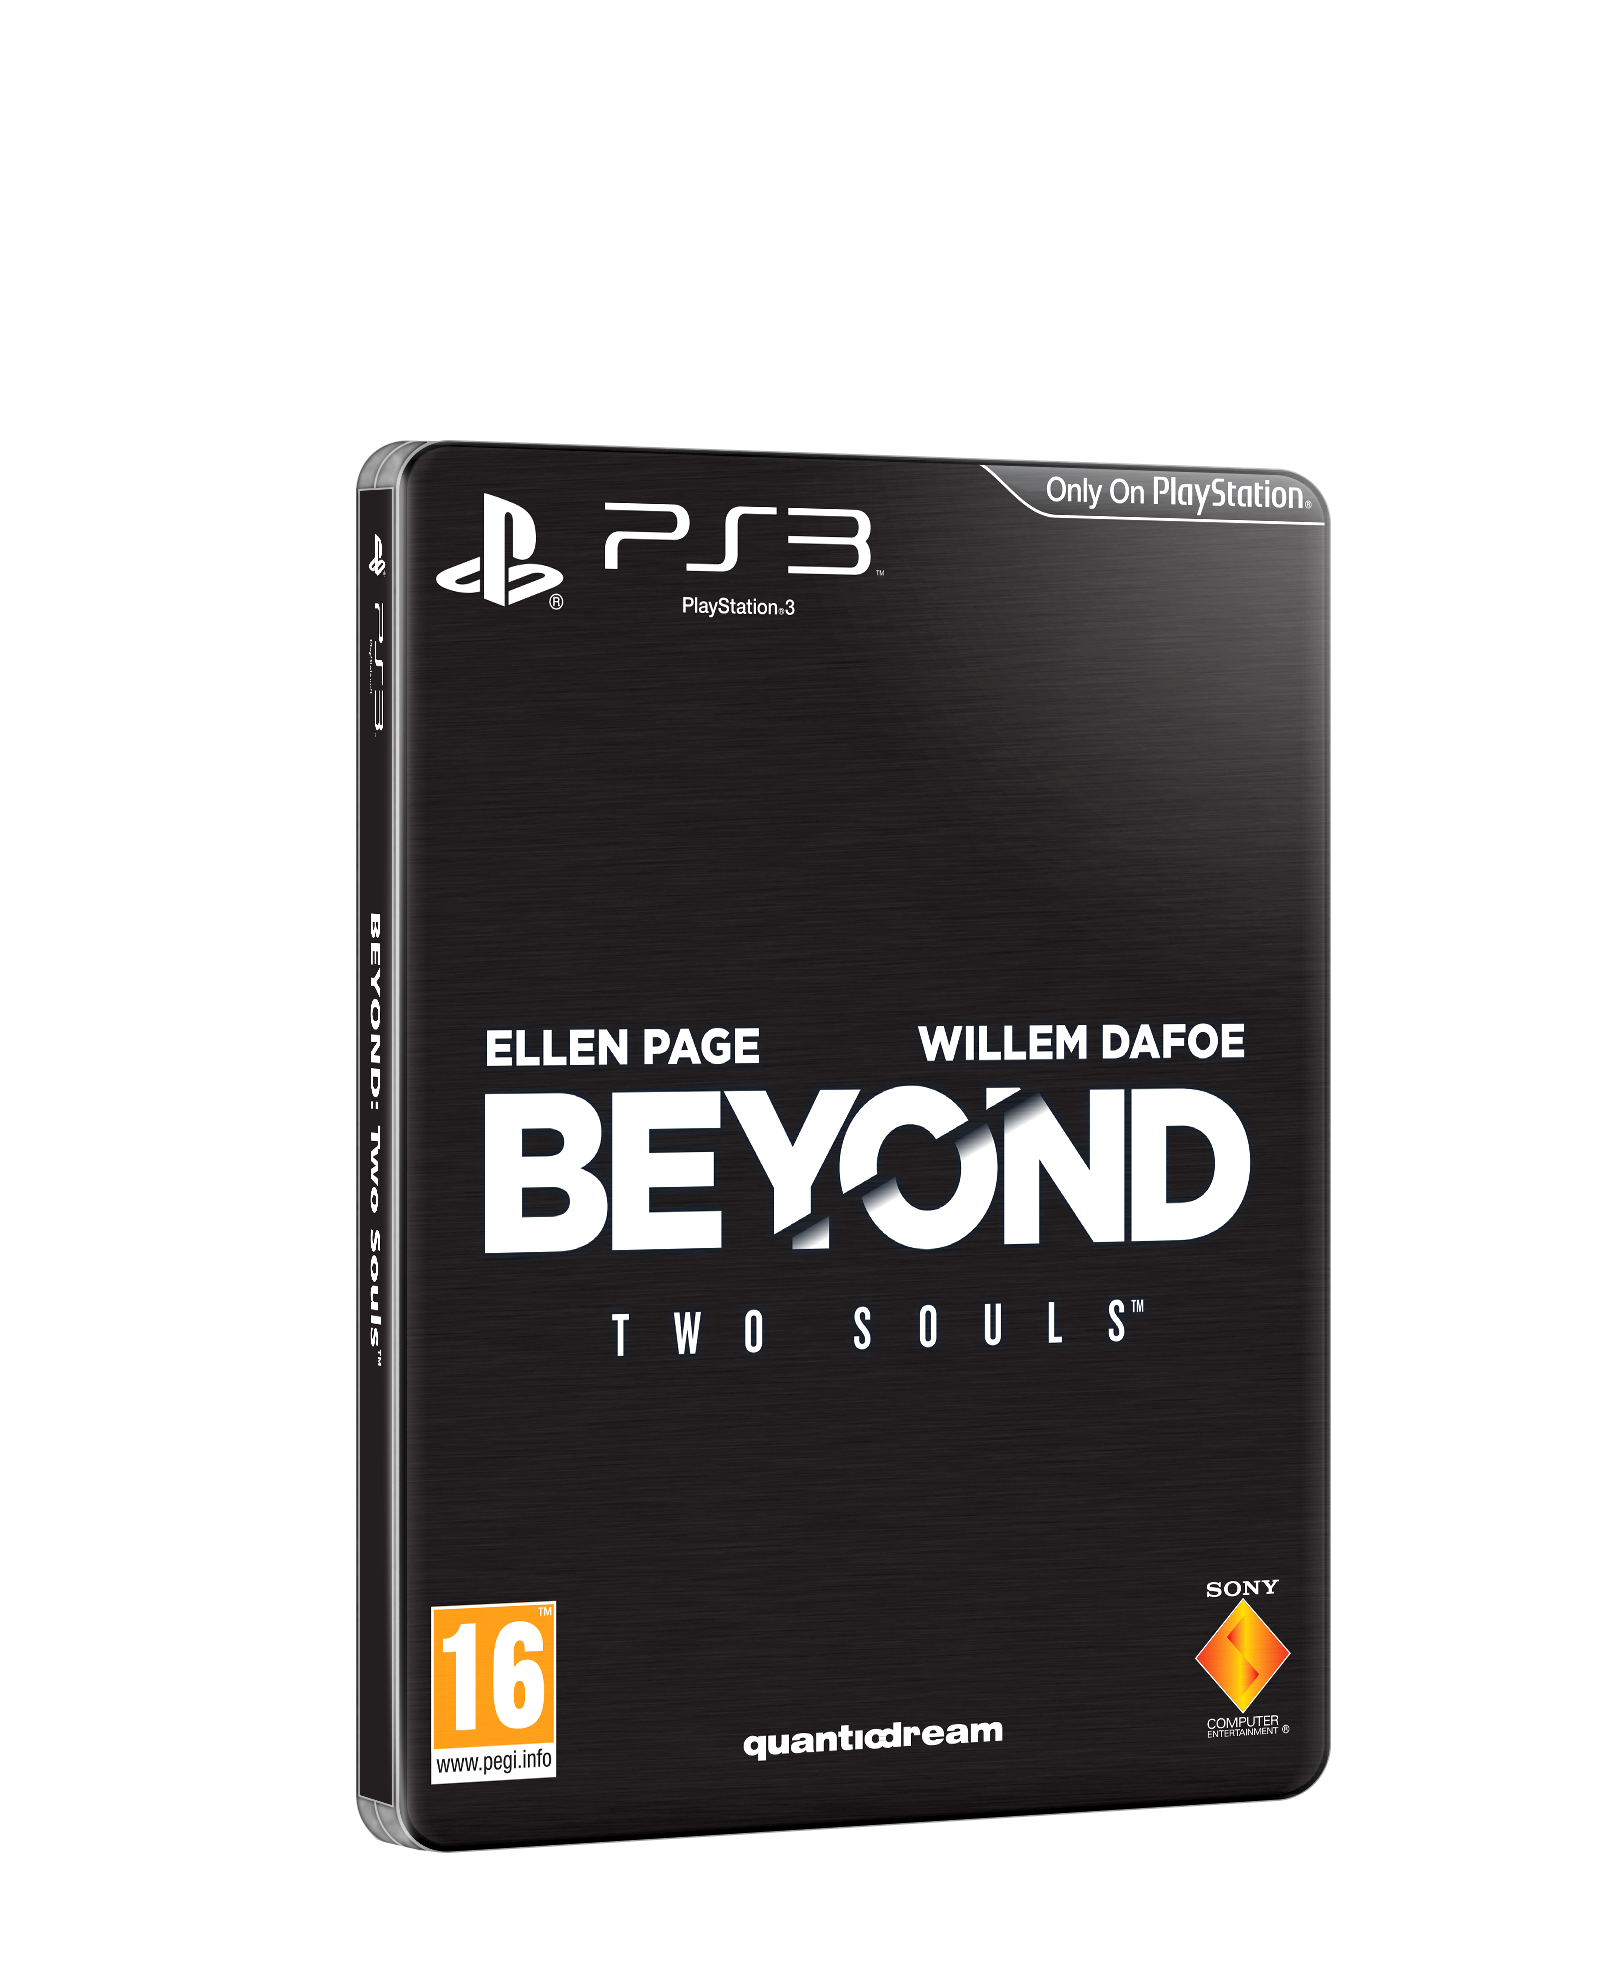 Объявлено специальное издание Beyond: Two Souls, доступно только по предварительному заказу.Включает:Эксклюзивная ст ... - Изображение 1